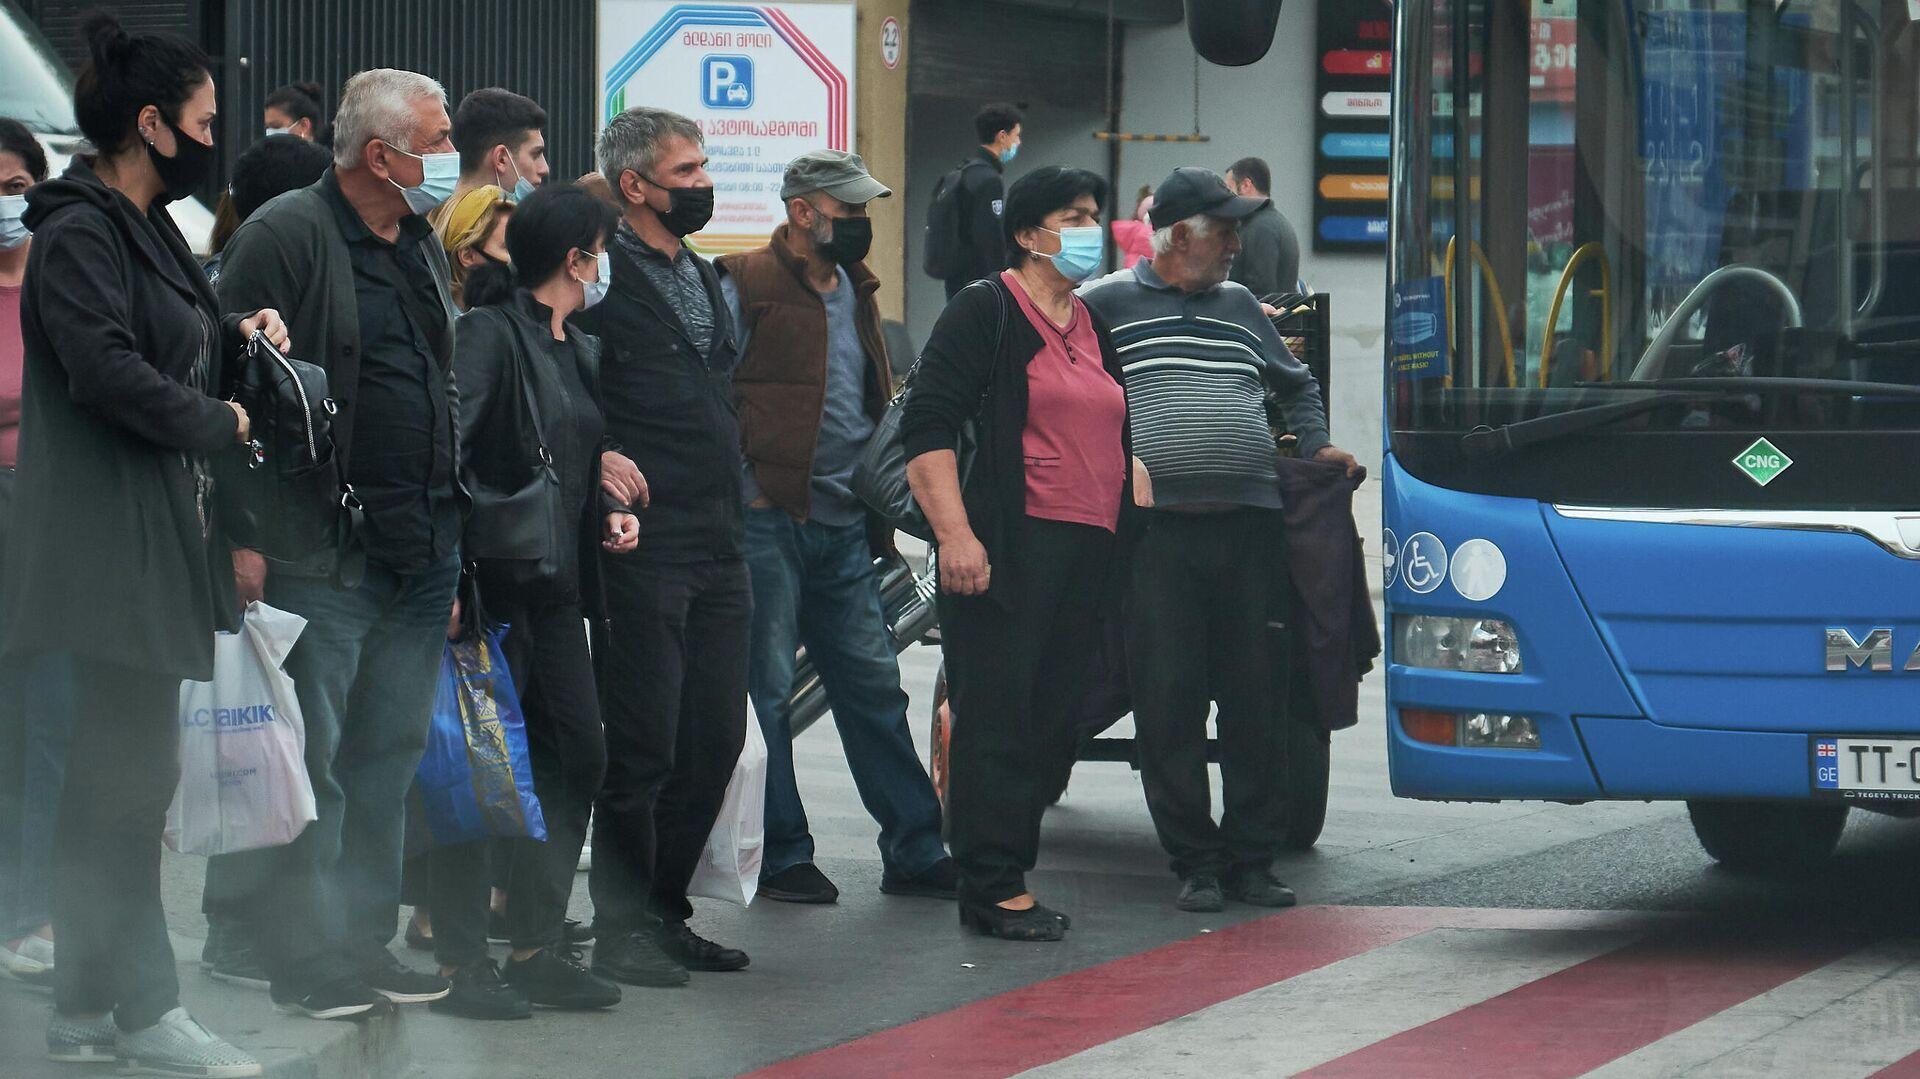 Эпидемия коронавируса - пассажиры на автобусной остановке в масках - Sputnik Грузия, 1920, 30.09.2021